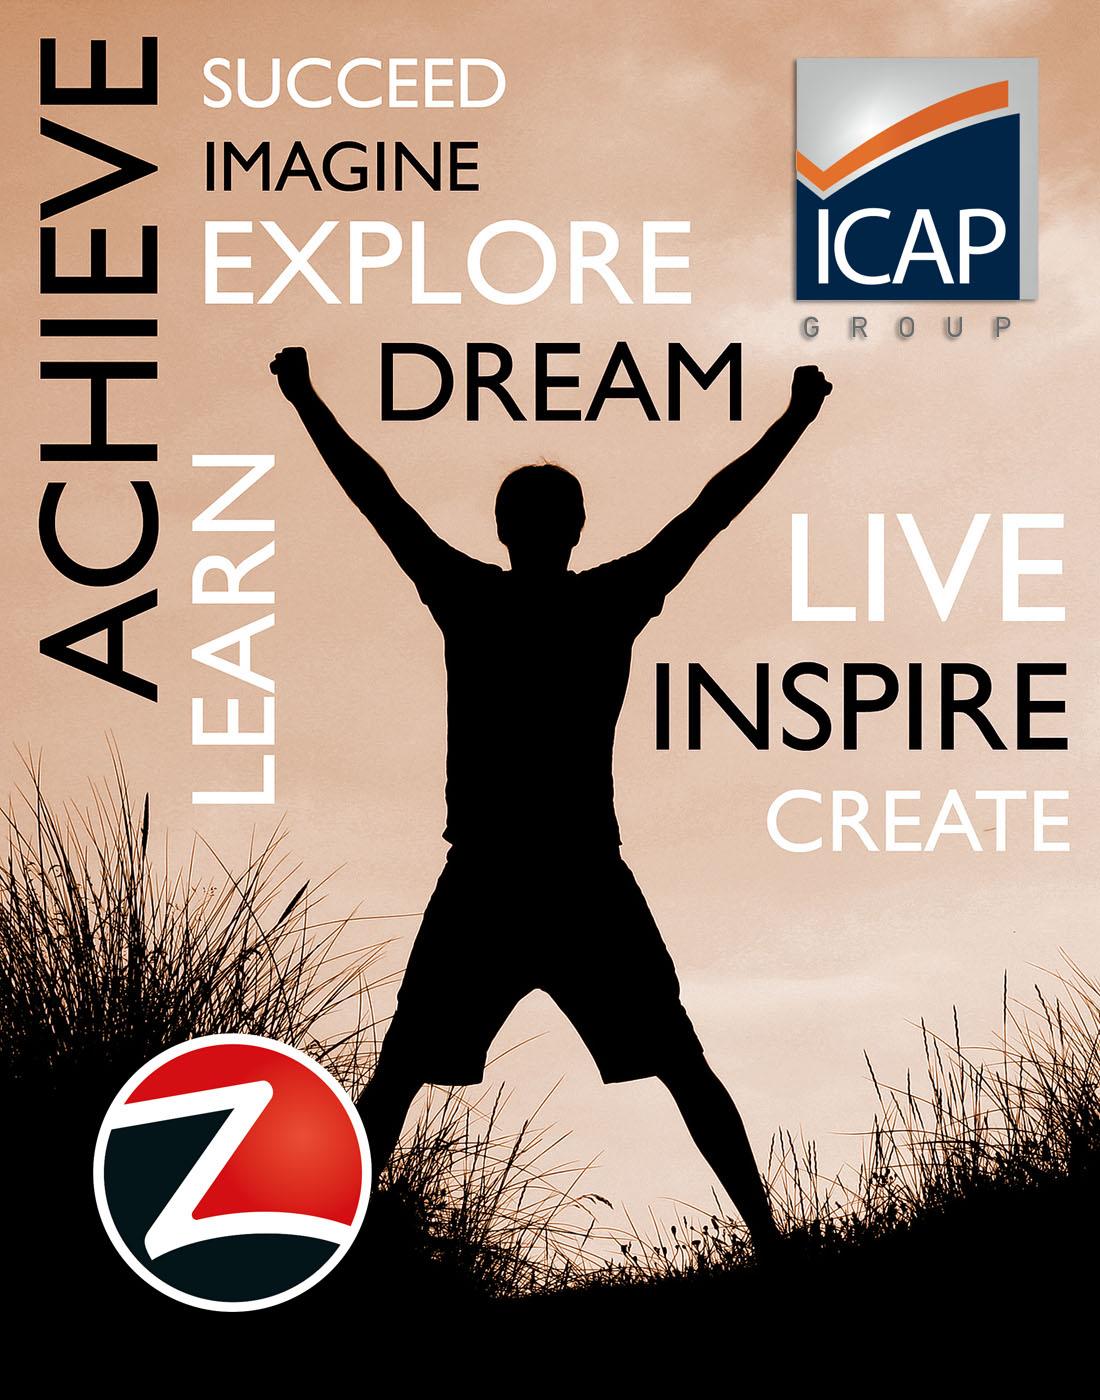 icap-success